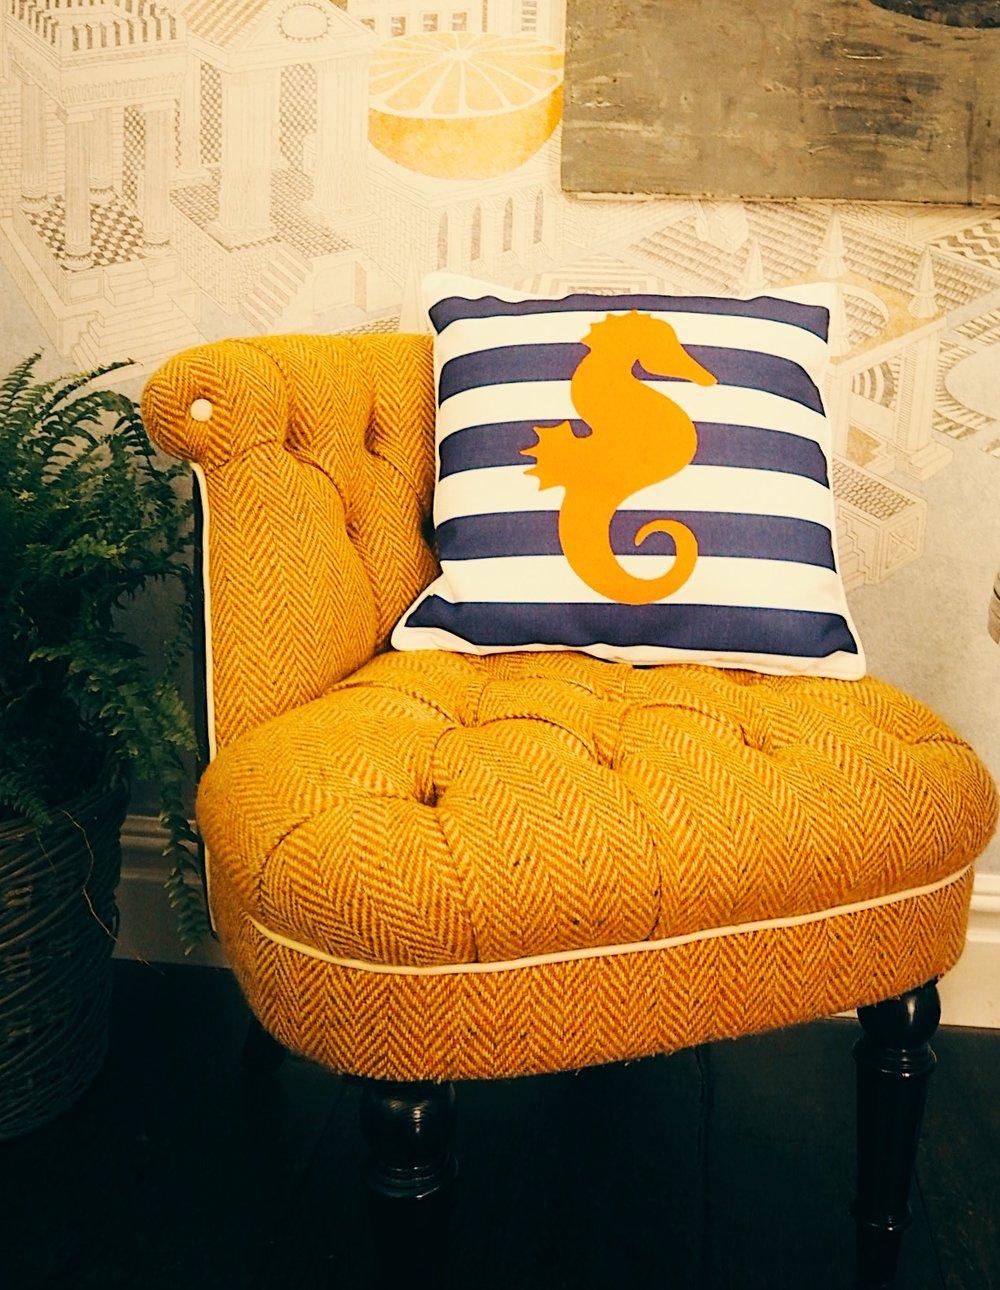 This cute seahorse cushion is the Lorraine Kelpie cushion for JD Willams